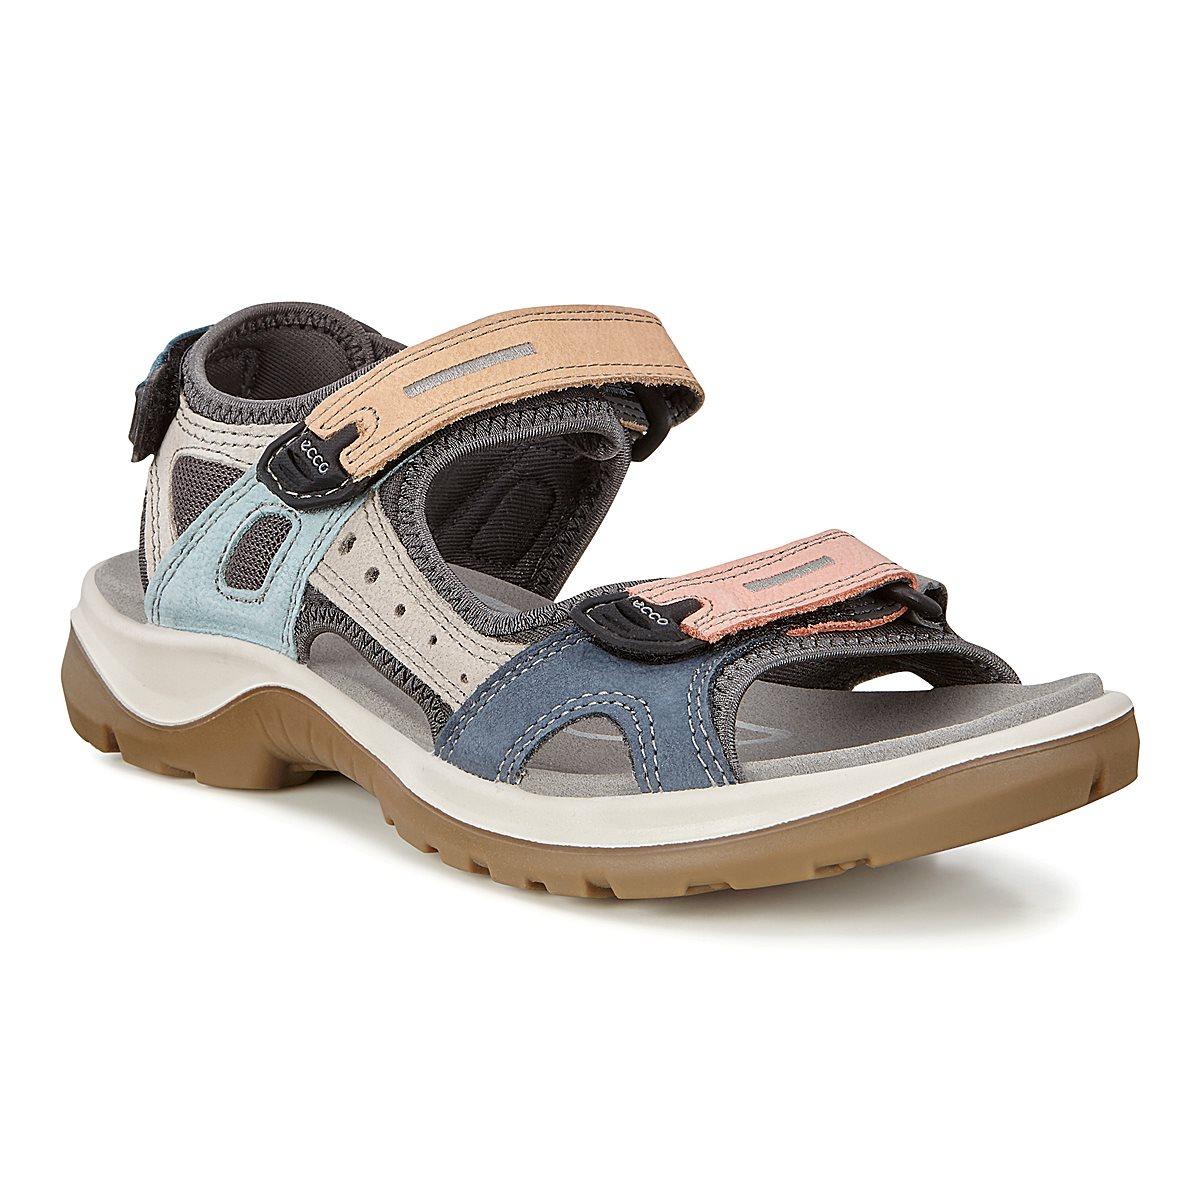 ECCO Offroad Multicoloured Sandals for women